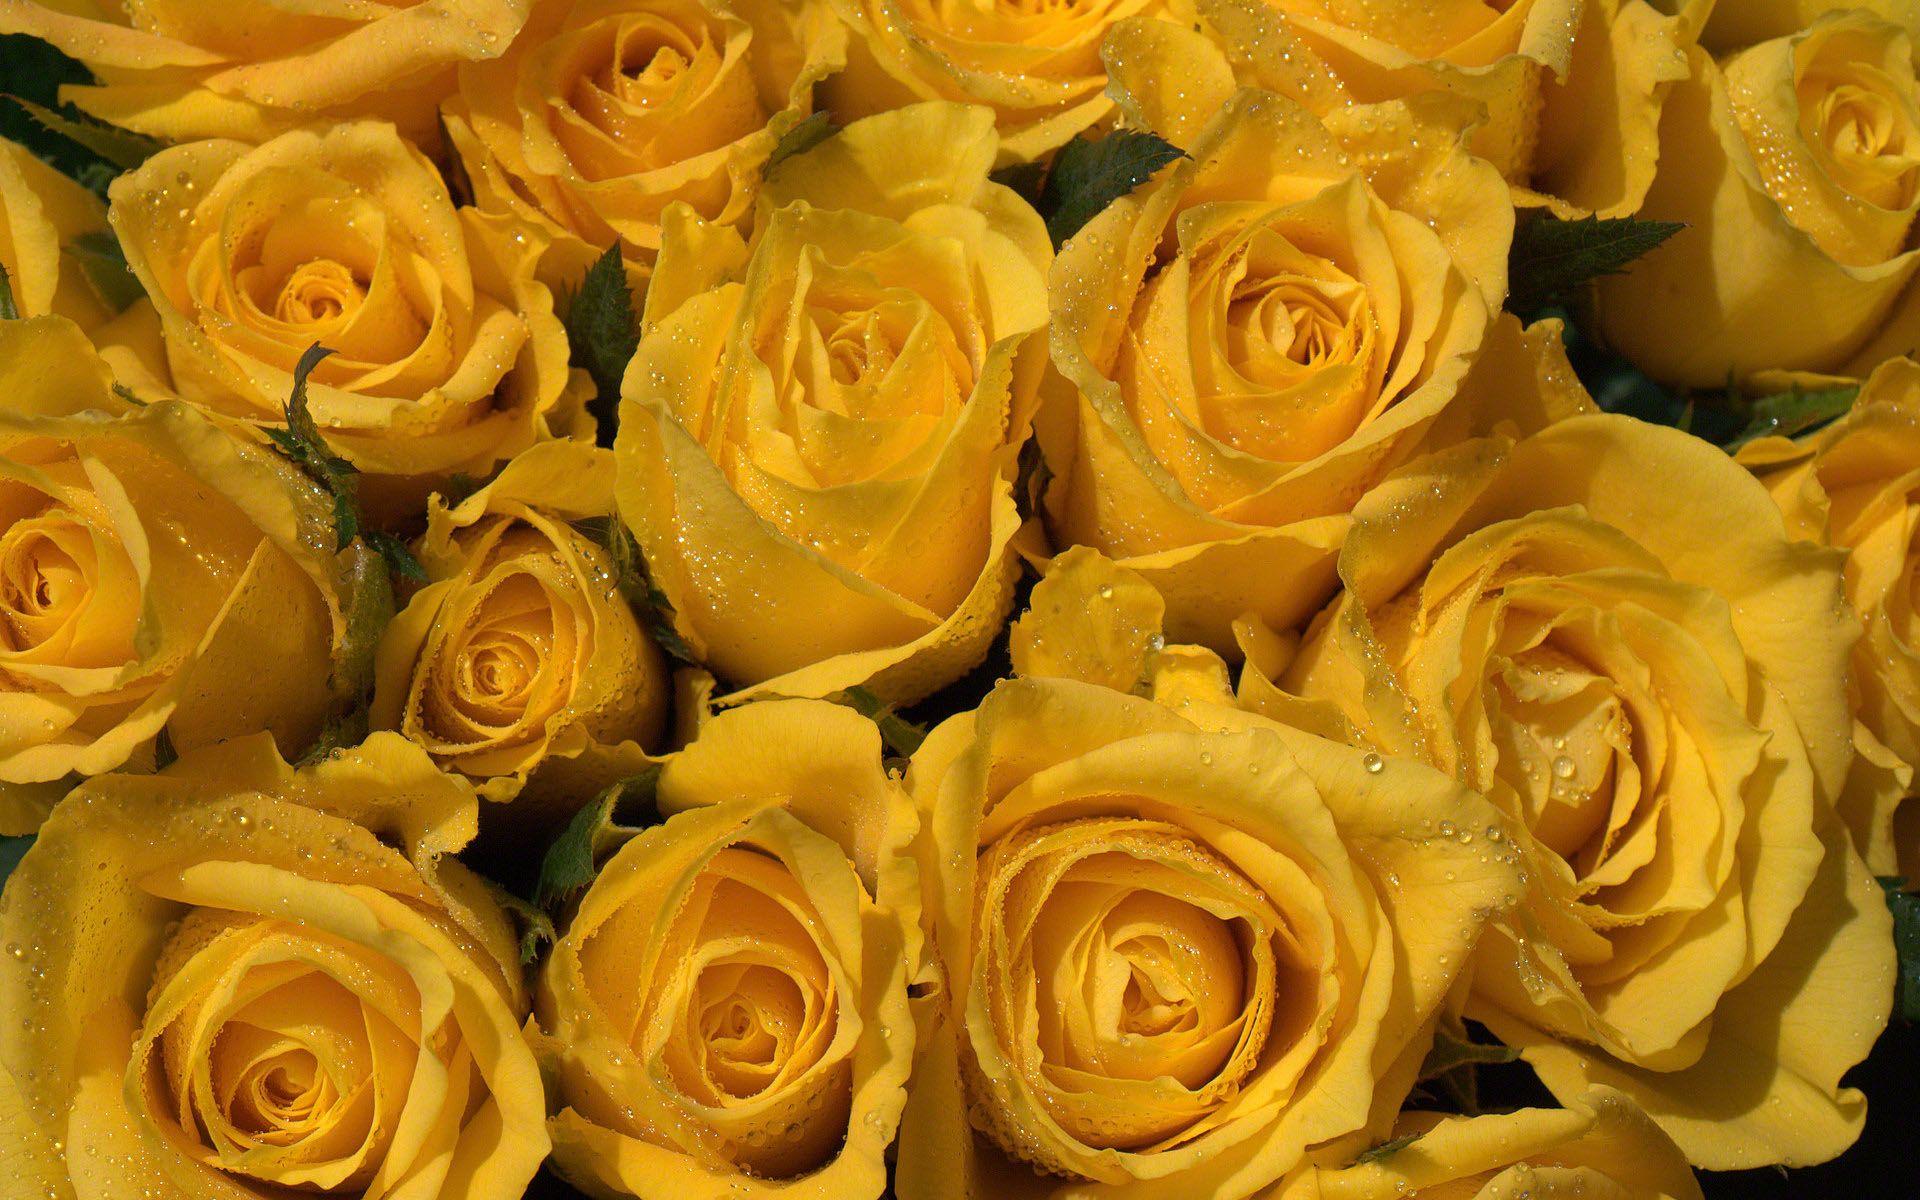 Rosas Amarillas Fondos De Pantalla Gratis Flores Rosas Amarillas